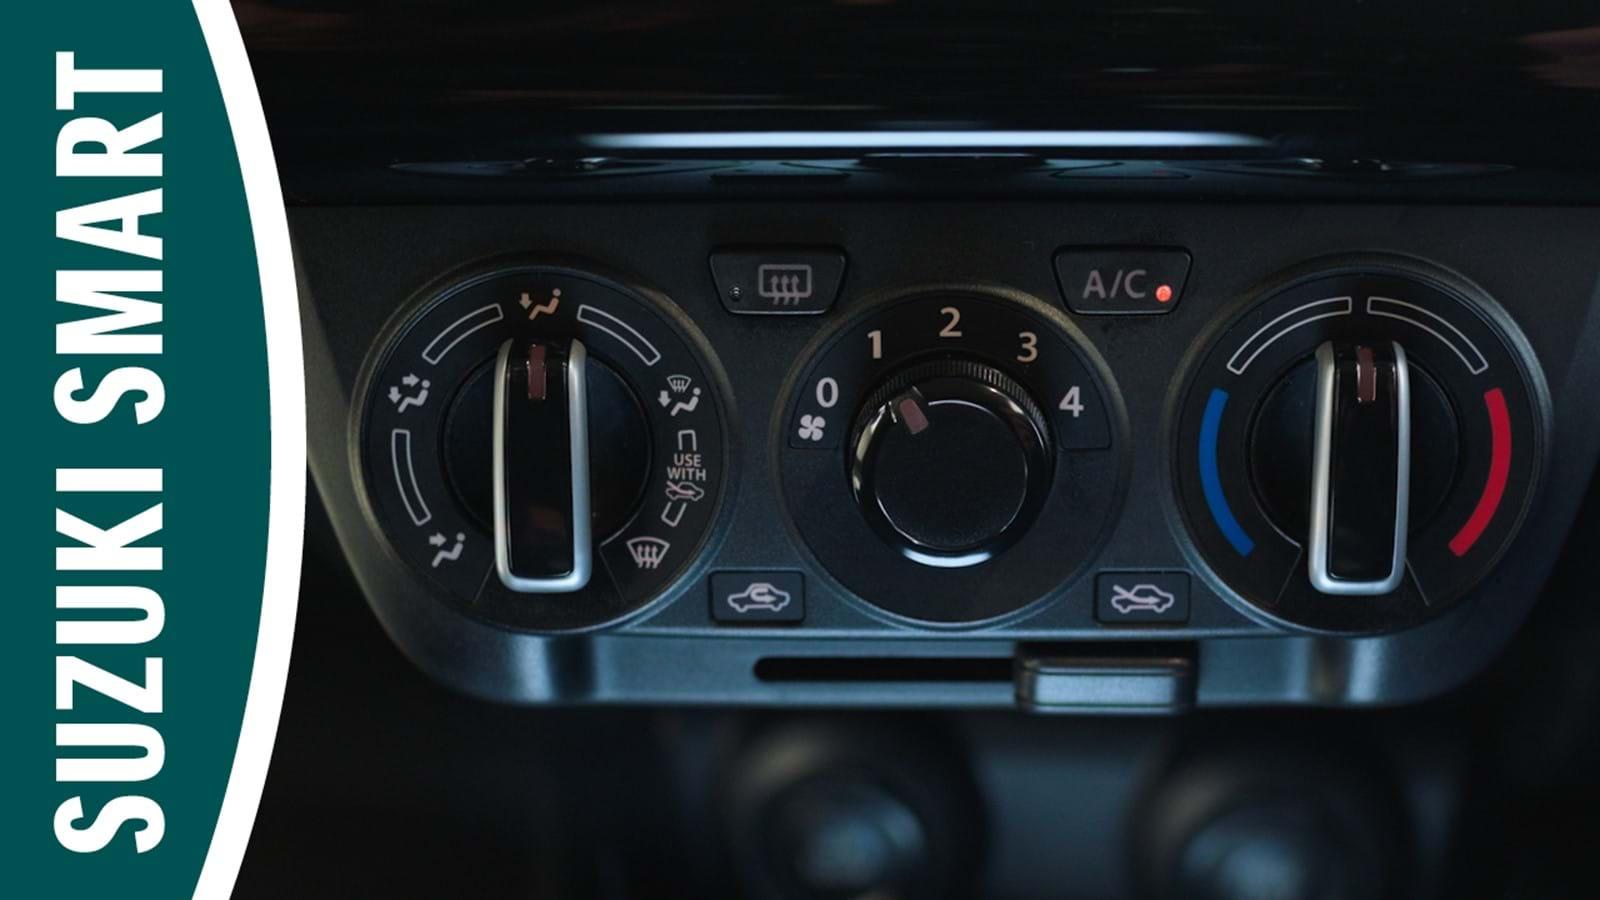 Maintenance suzuki cars uk play video solutioingenieria Images